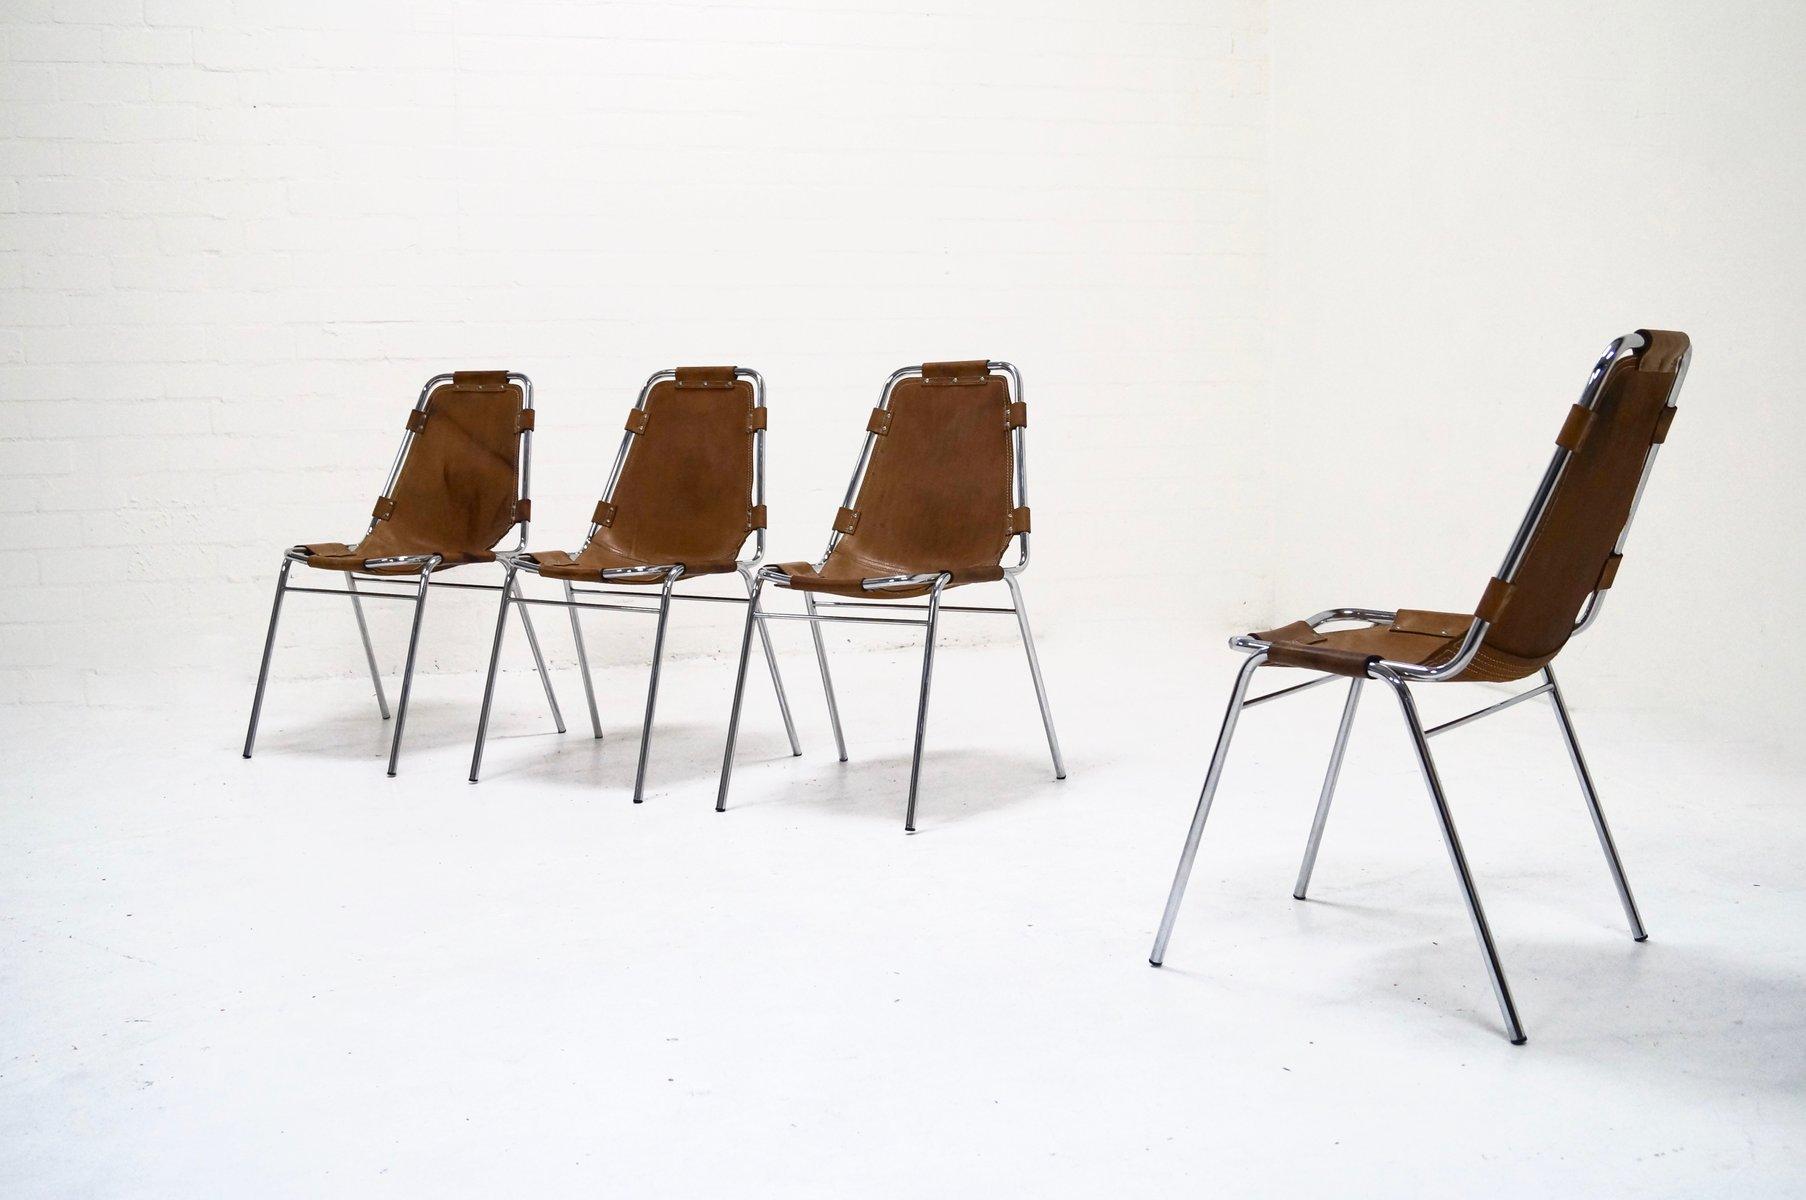 chaises de salon les arcs par charlotte perriand set de 4 en vente sur pamono. Black Bedroom Furniture Sets. Home Design Ideas